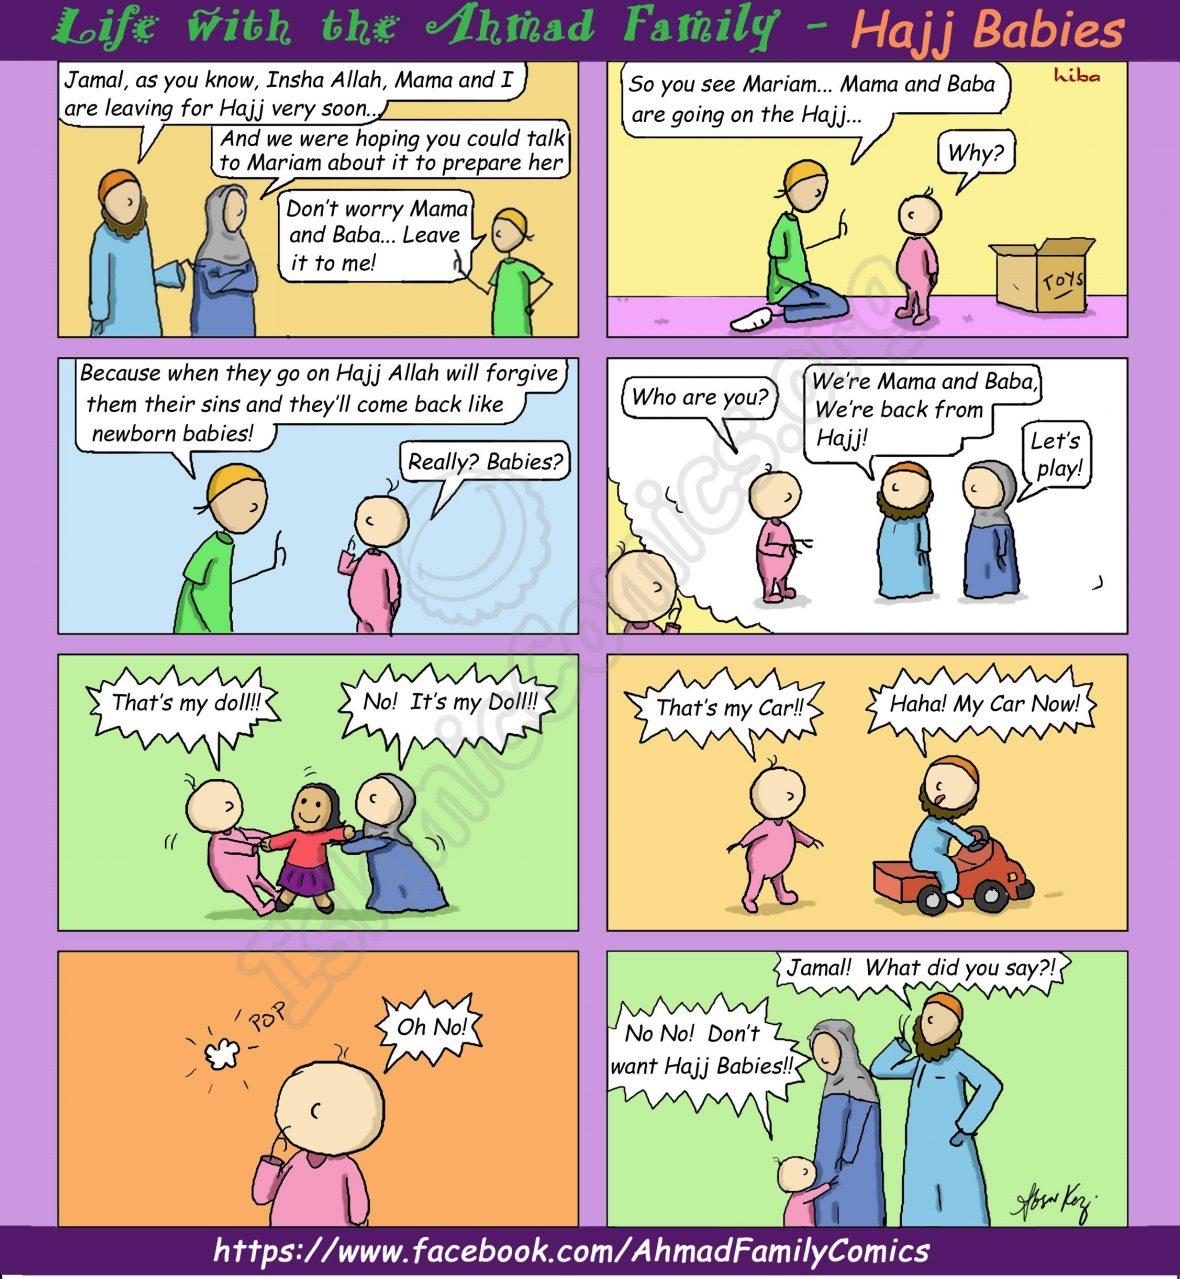 Life with the Ahmad Family Comics - Hajj Babies